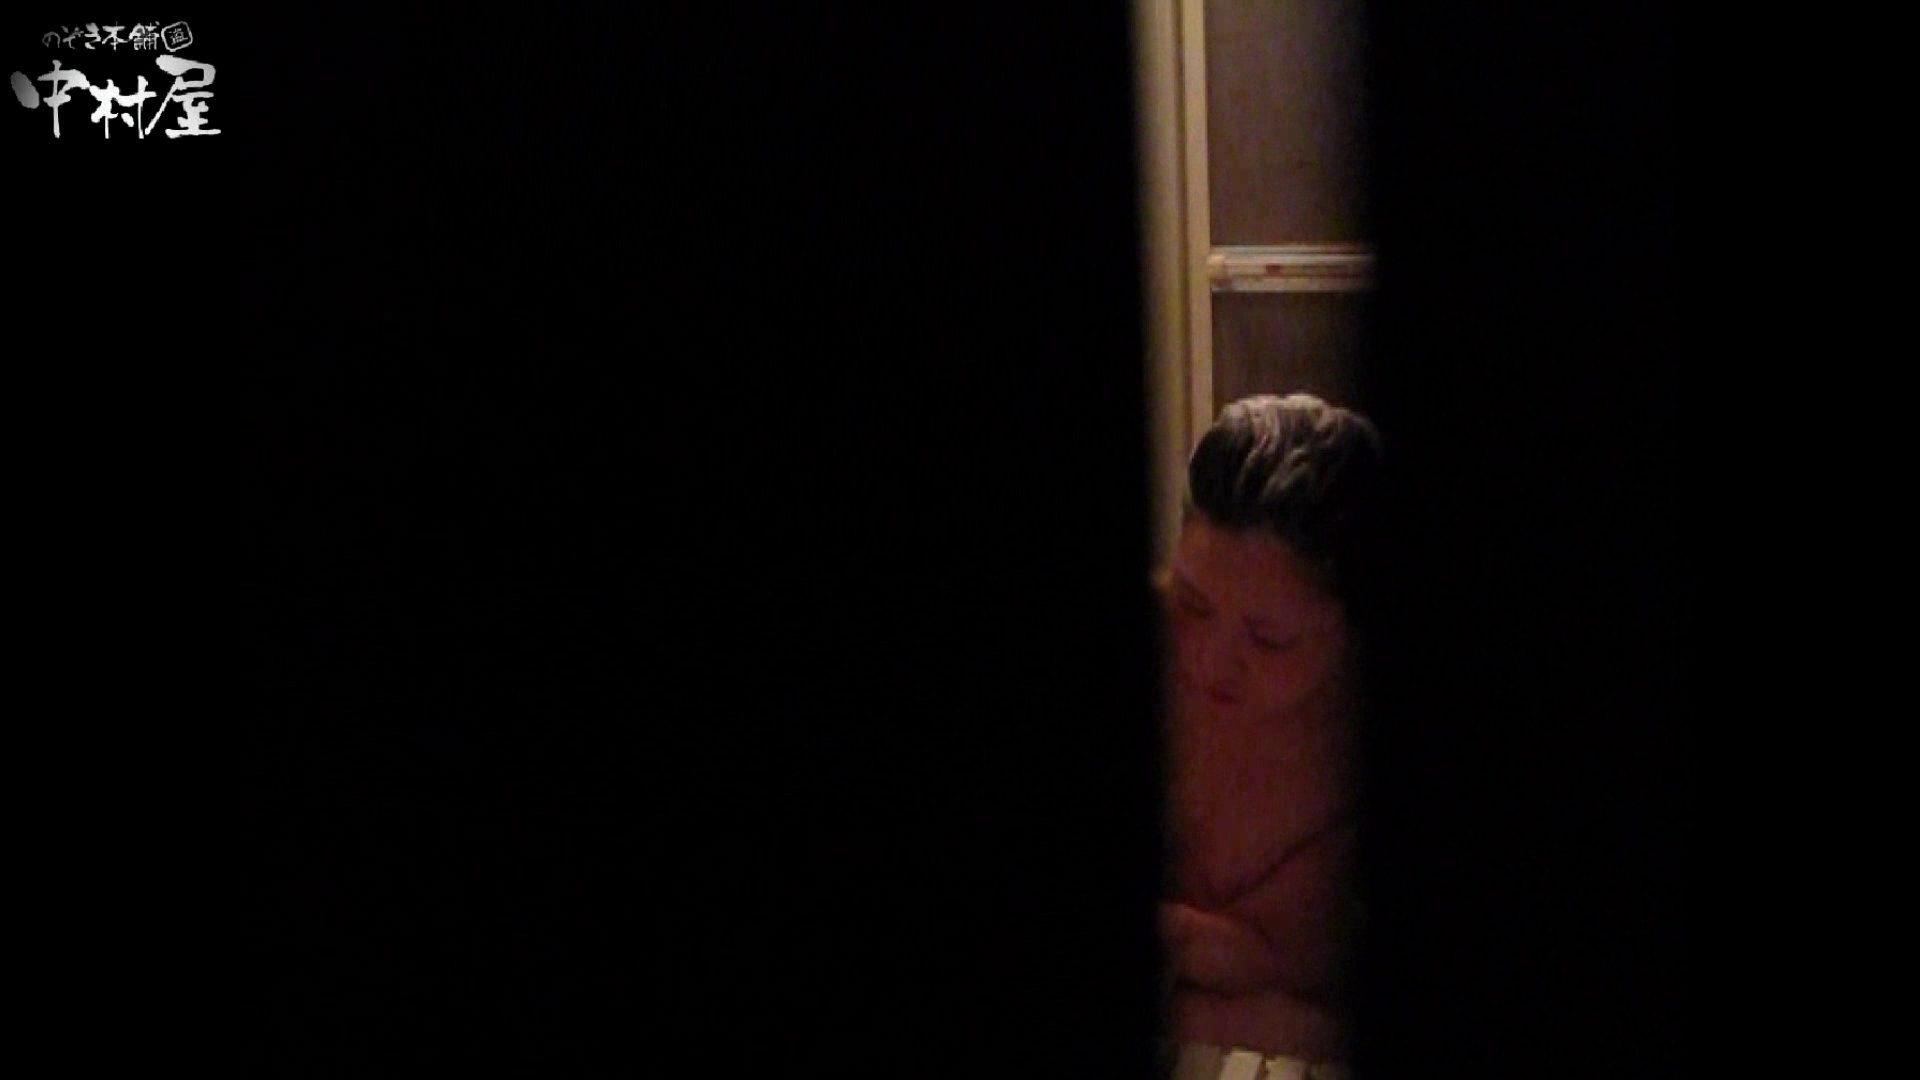 民家風呂専門盗撮師の超危険映像 vol.004 美女まとめ 盗撮画像 89PIX 33